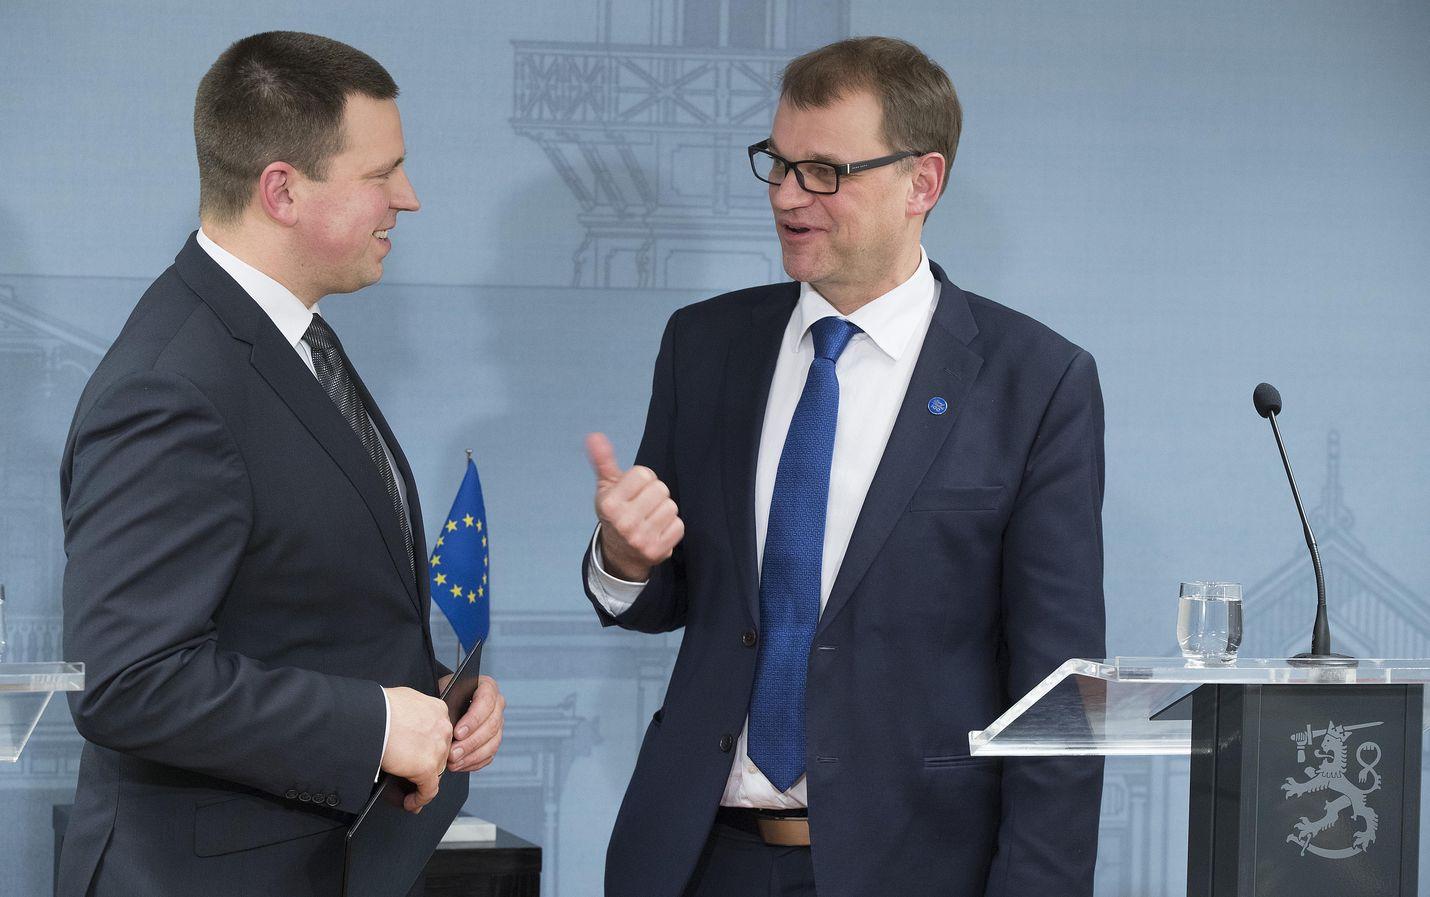 Viron pääministeri Jüri Ratas (vasemmalla) teki ensimmäisen valtiovierailunsa joulukuussa 2016 Suomeen. Kesärannassa hänet otti vastaan silloinen pääministeri Juha Sipilä.